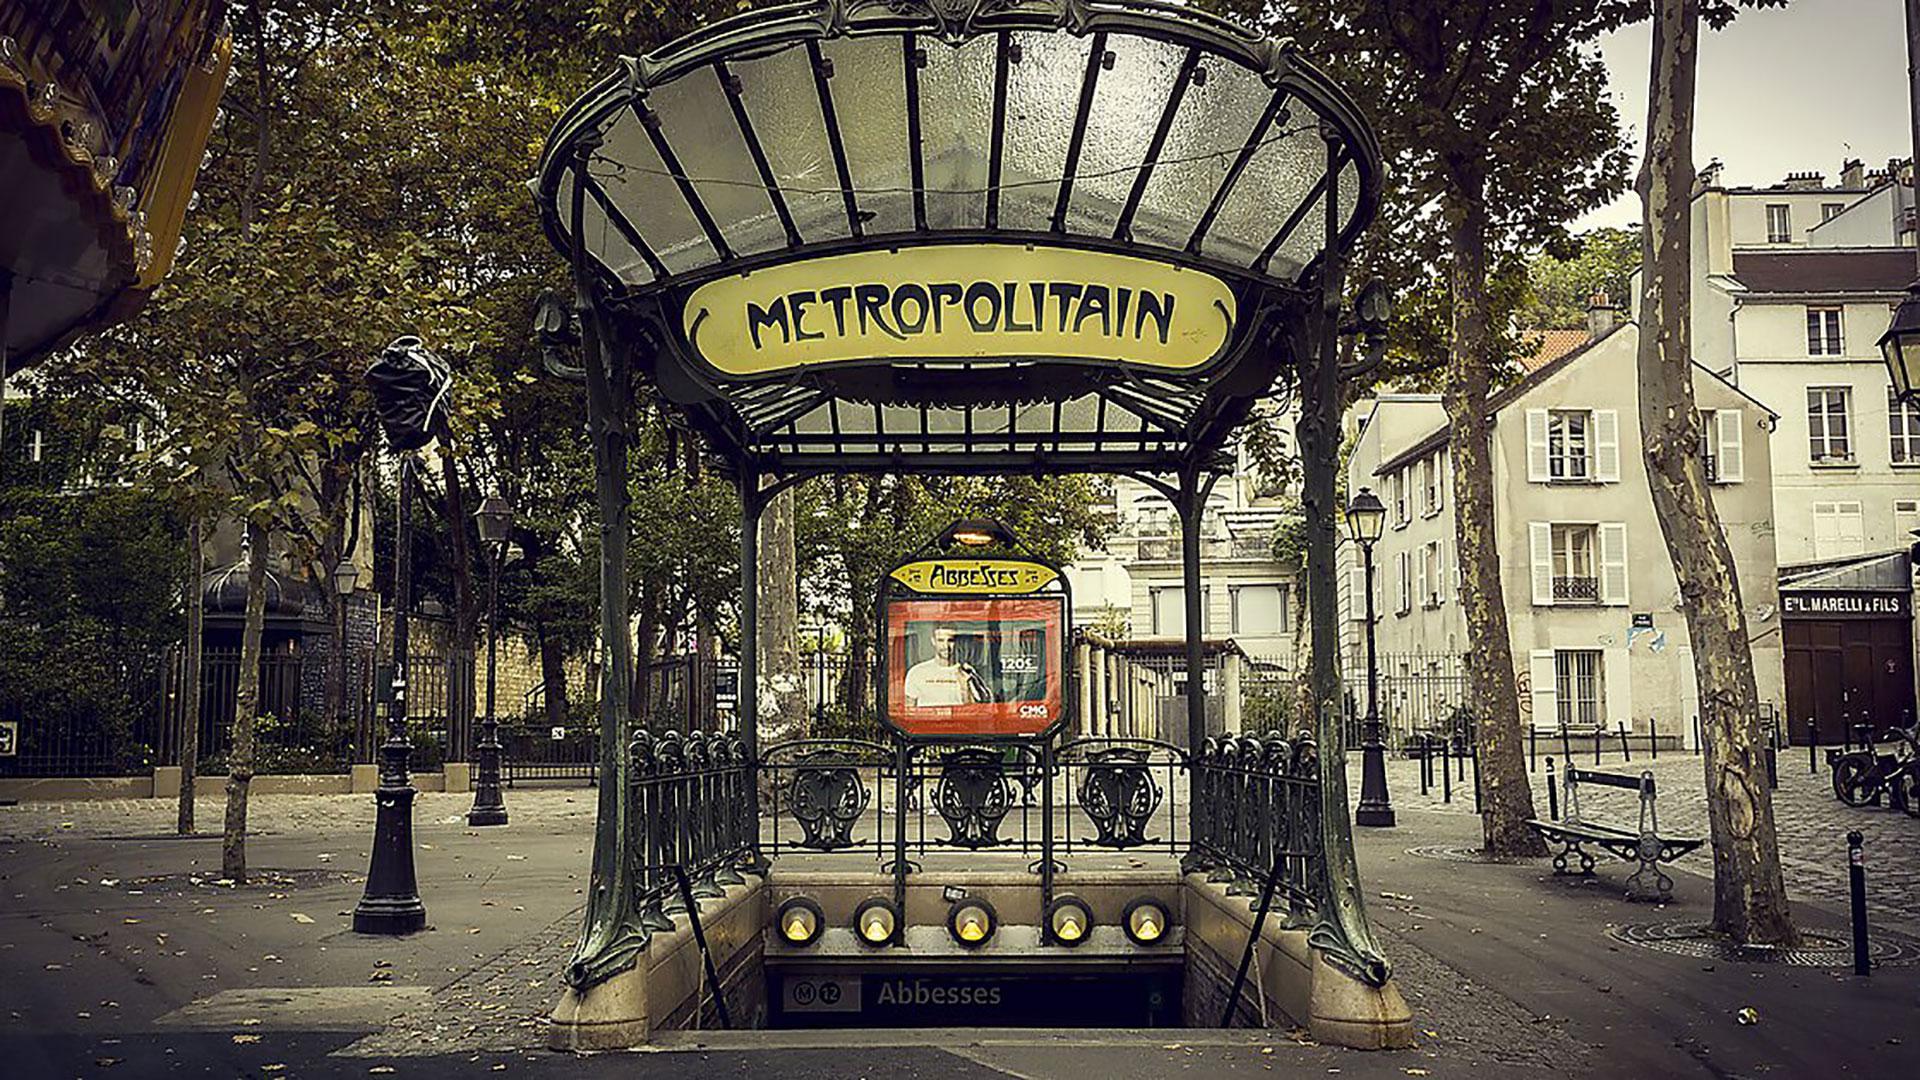 Le-stazioni-della-metropolitana-piu-belle-del-mondo-parigi